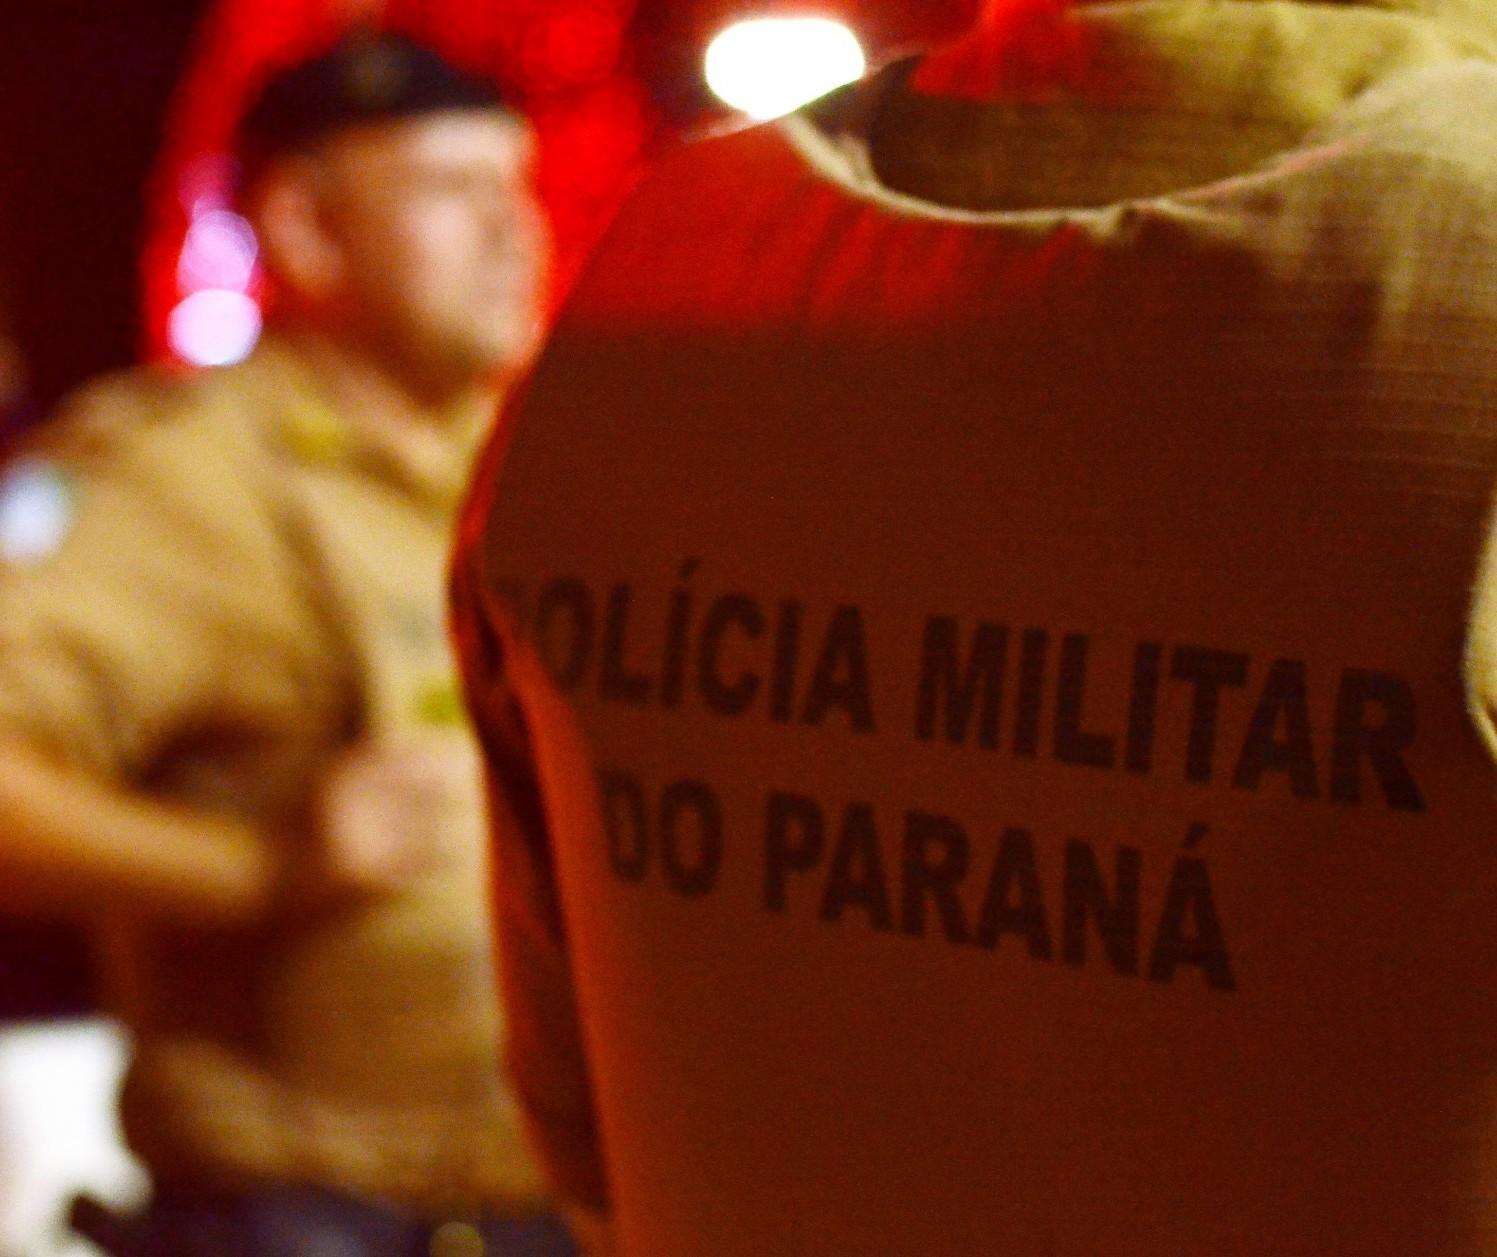 PM conclui inquérito envolvendo morte causada por policial em Paiçandu